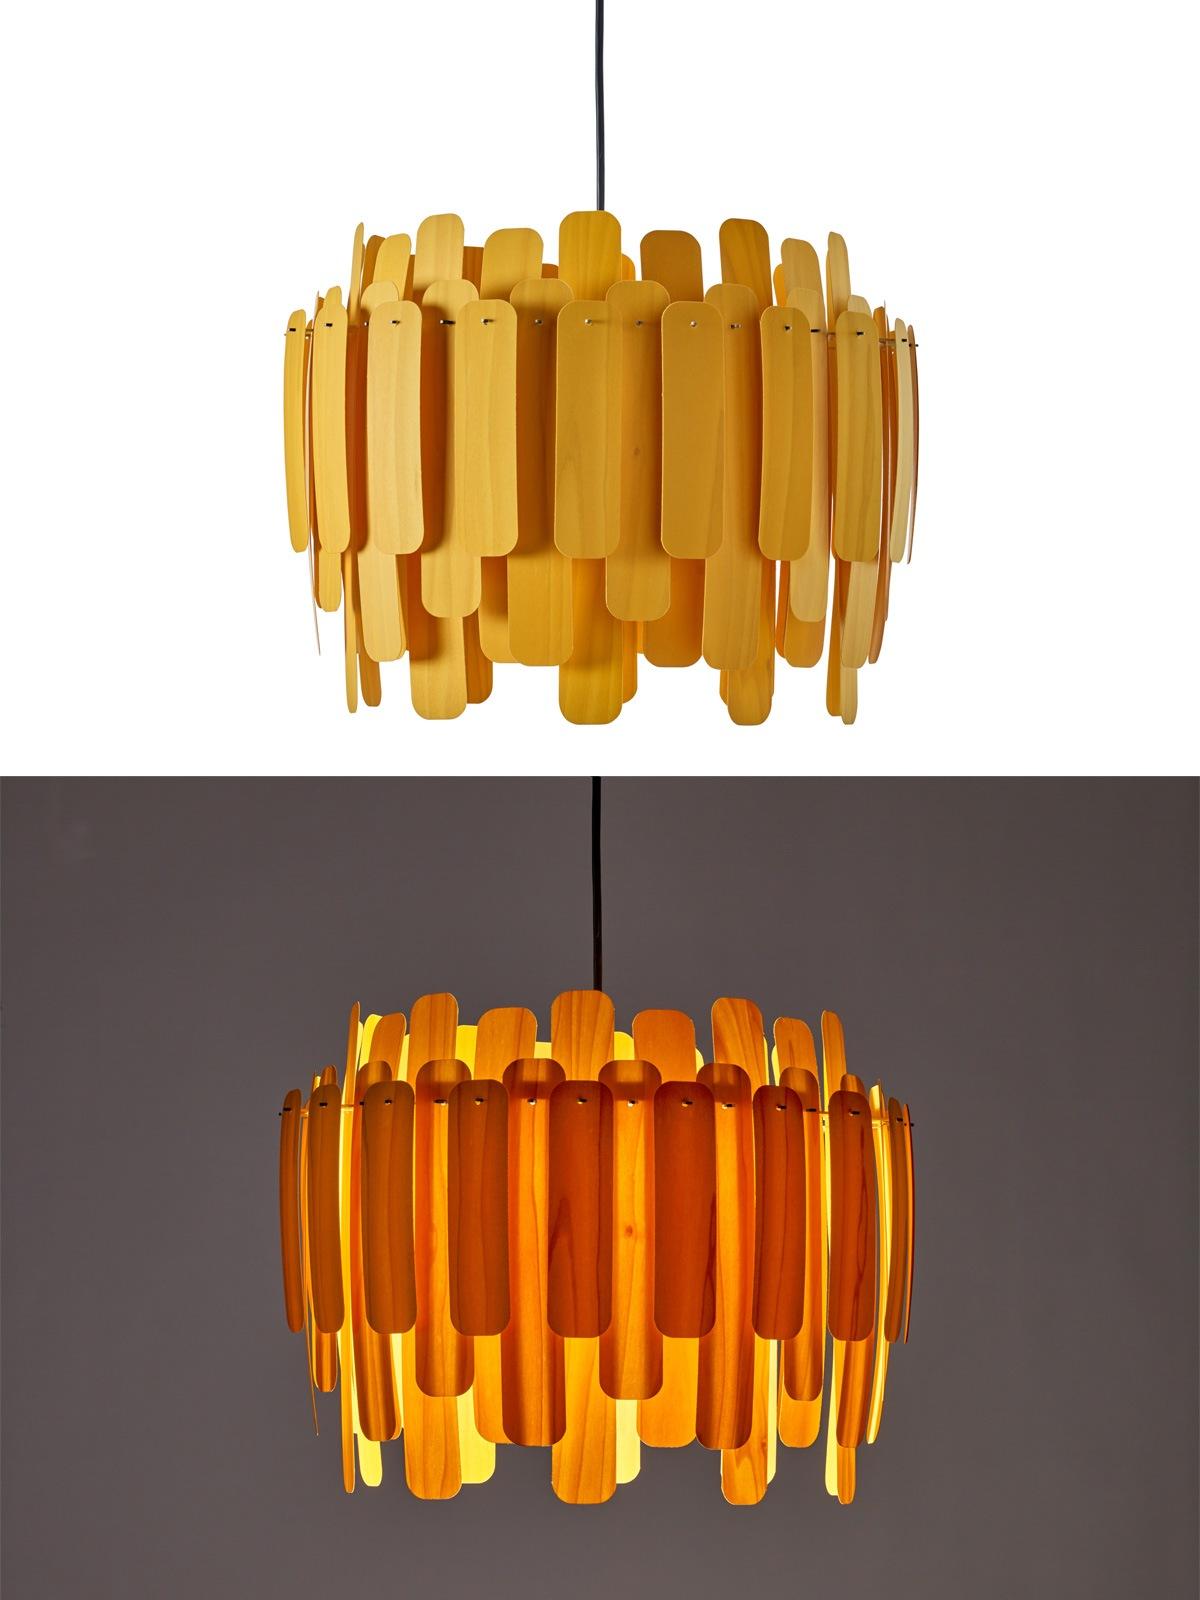 Maruja Holzleuchte LZF Lamps Pendelleuchte DesignOrt Berlin Lampen Onlineshop